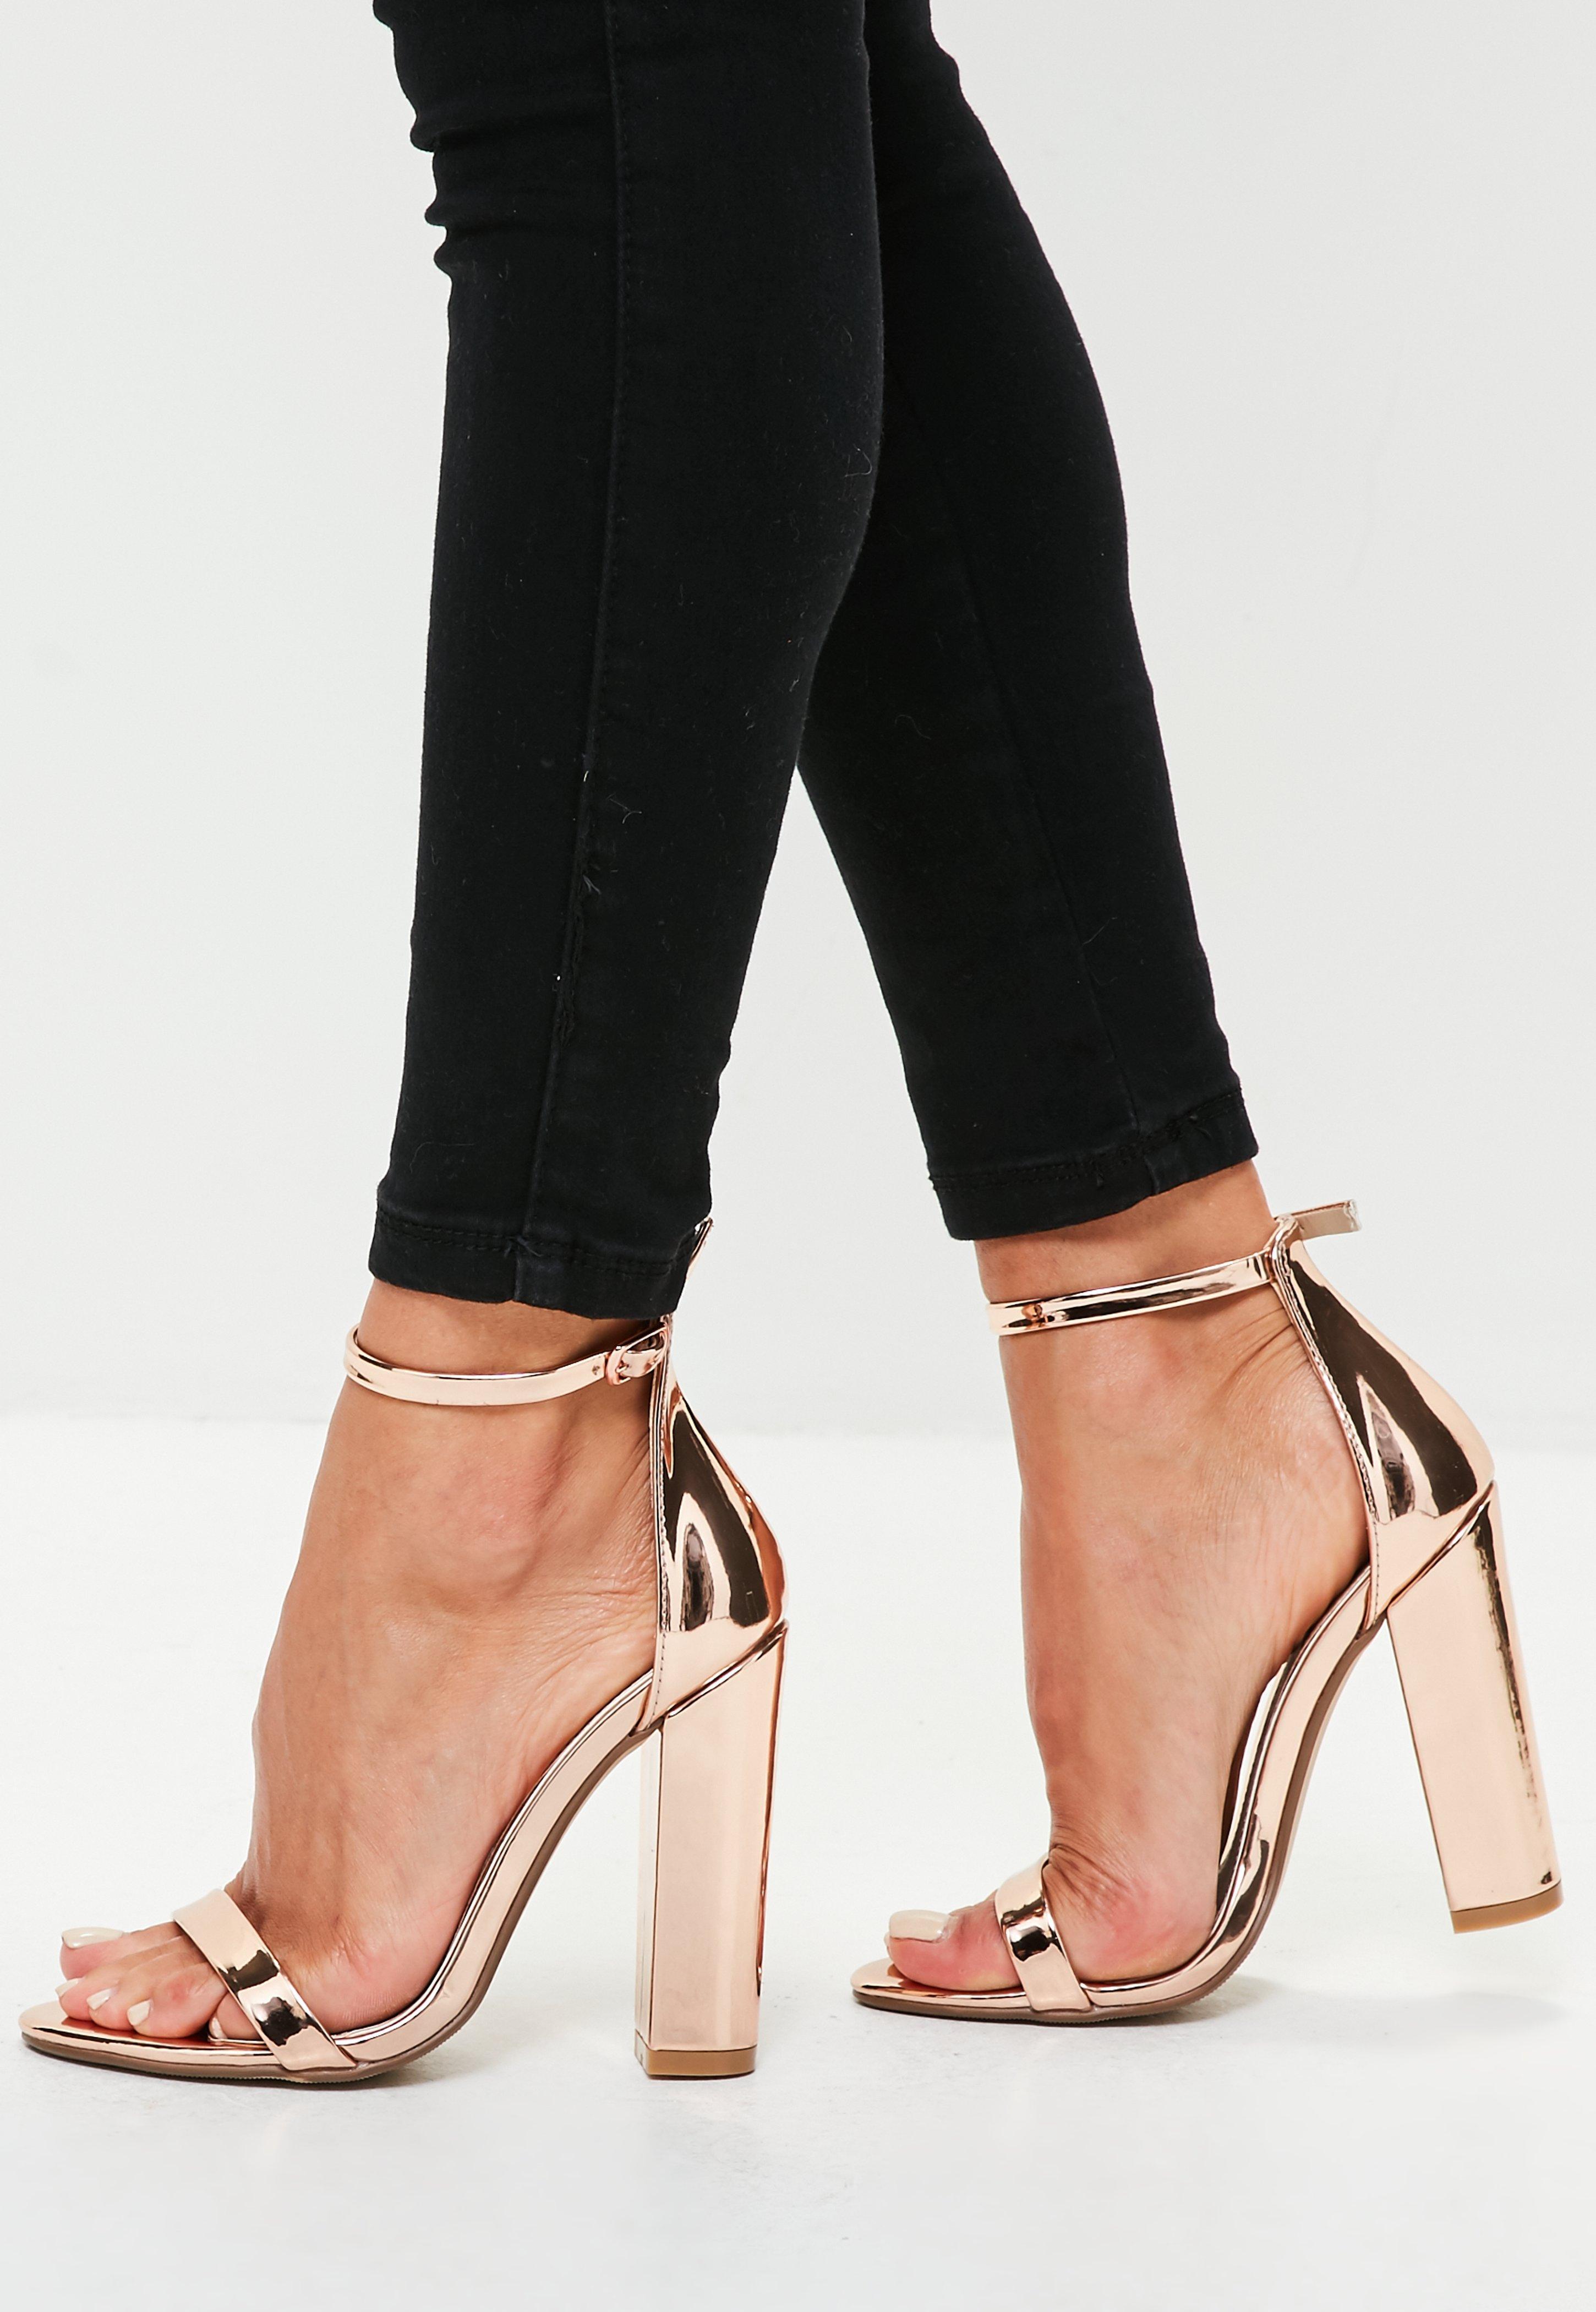 Chaussures à talon aiguille roses Chic femme  Sandales Compensées Femme - Jaune - Jaune 44 nhFfO